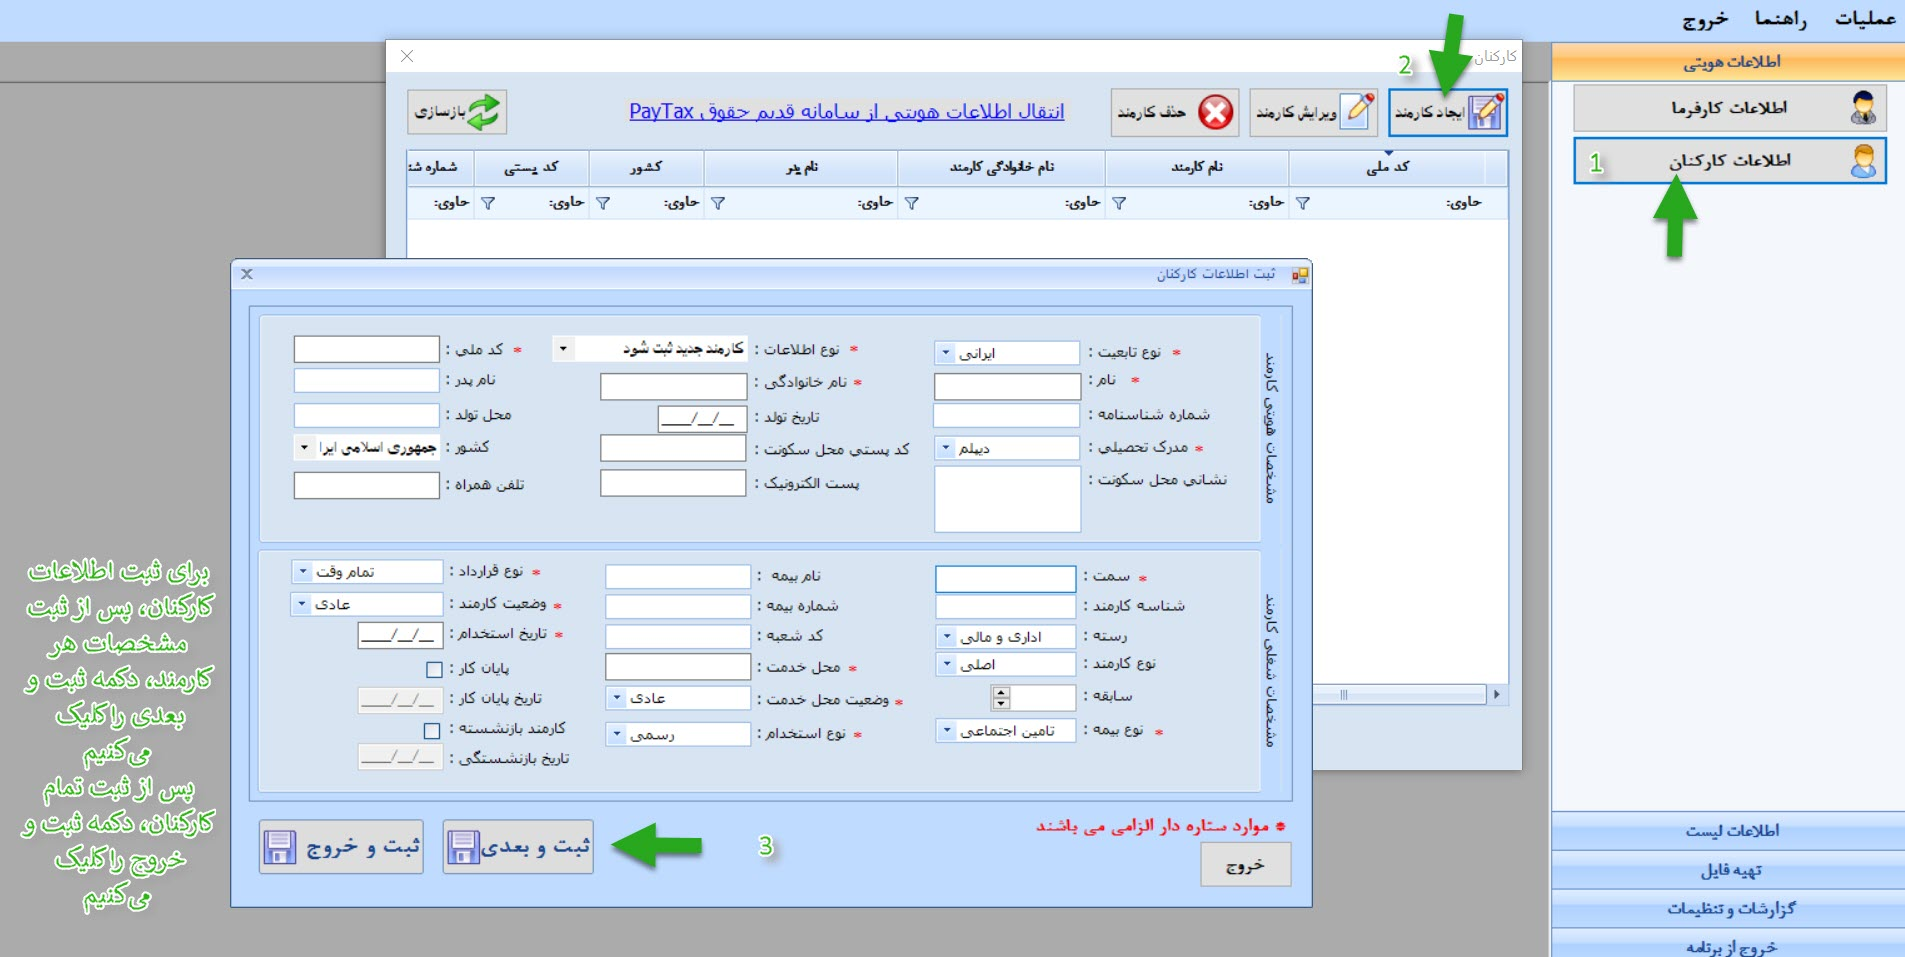 اطلاعات کارکنان در نرم افزار salary